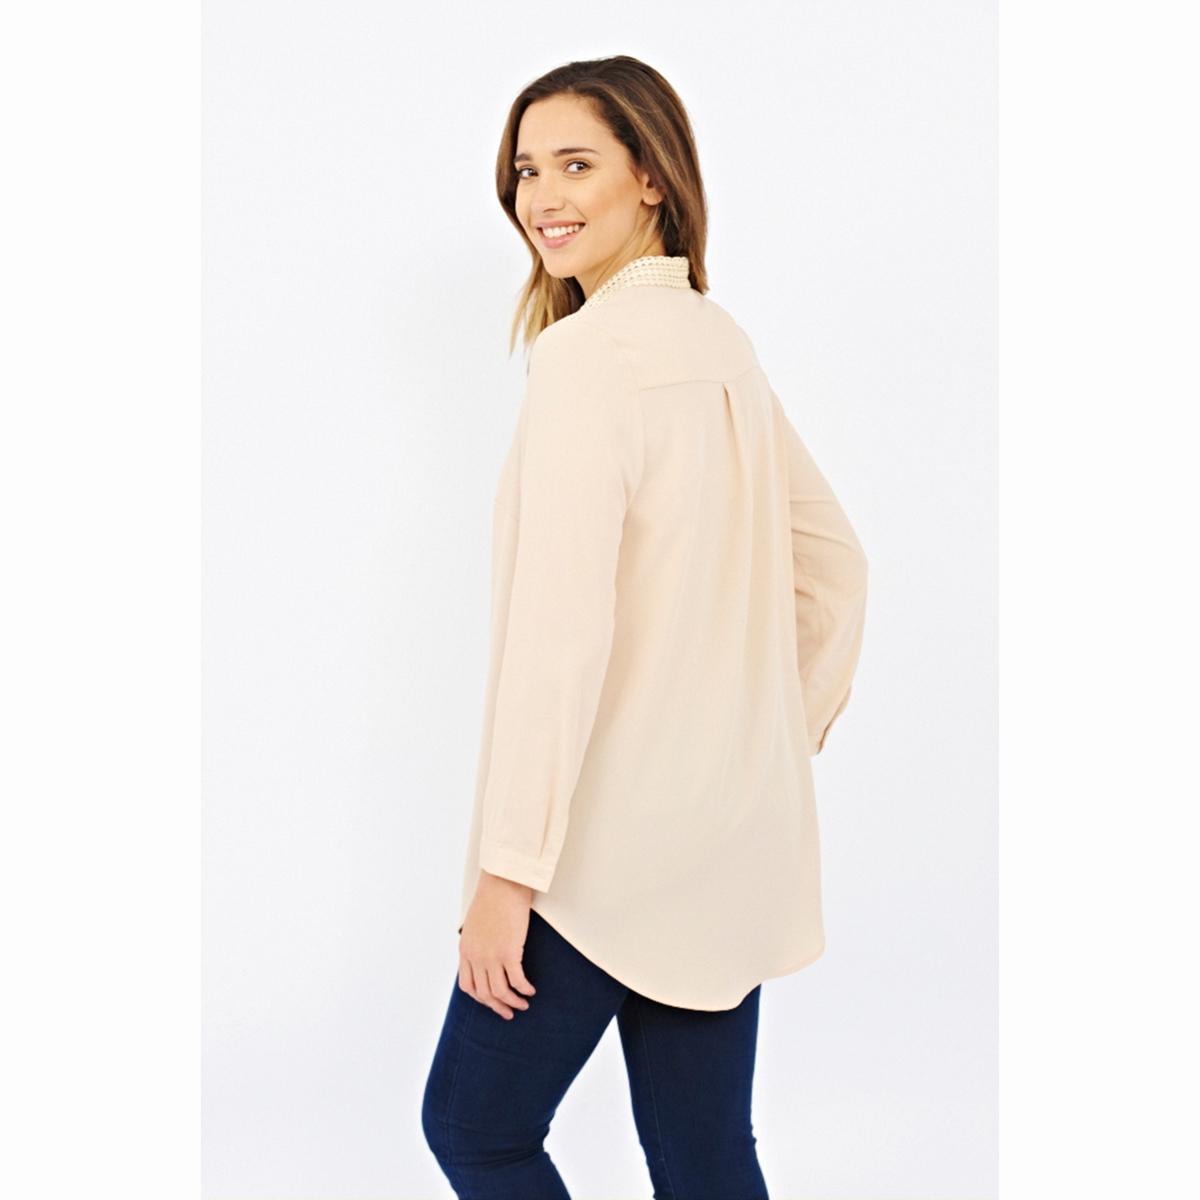 Блузка с длинными рукавамиБлузка с длинными рукавами LOVEDROBE. Красивая блузка с застёжкой на пуговицы по всей длине. Оригинальный рубашечный воротник и вставки на плечах. Длина около 84 см. 100% полиэстера<br><br>Цвет: бежевый<br>Размер: 48 (FR) - 54 (RUS)